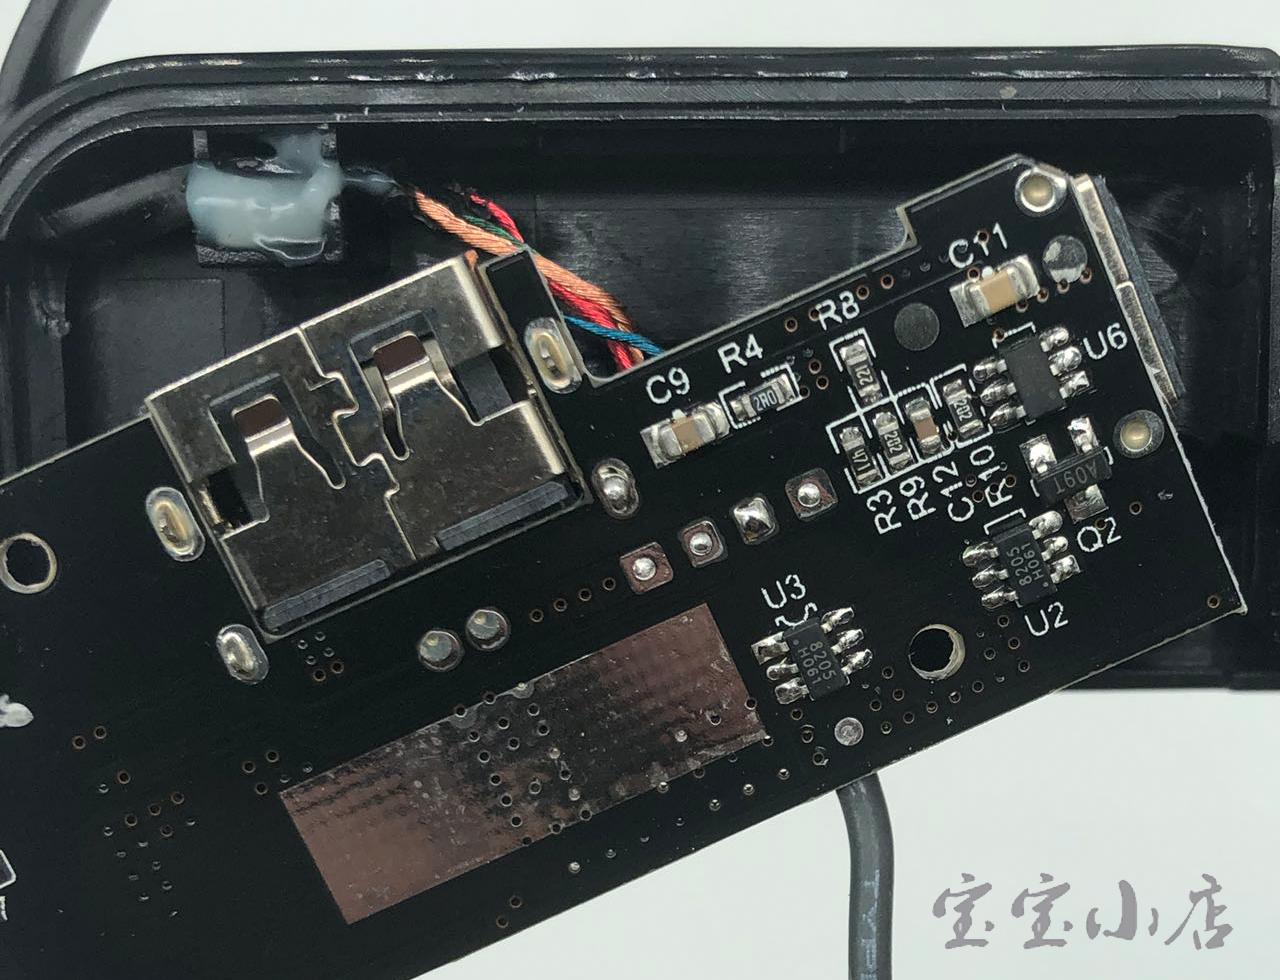 新到货42pcs 充电宝自带线超薄便携小巧10000毫安冲电宝迷你移动 苹果移动电源